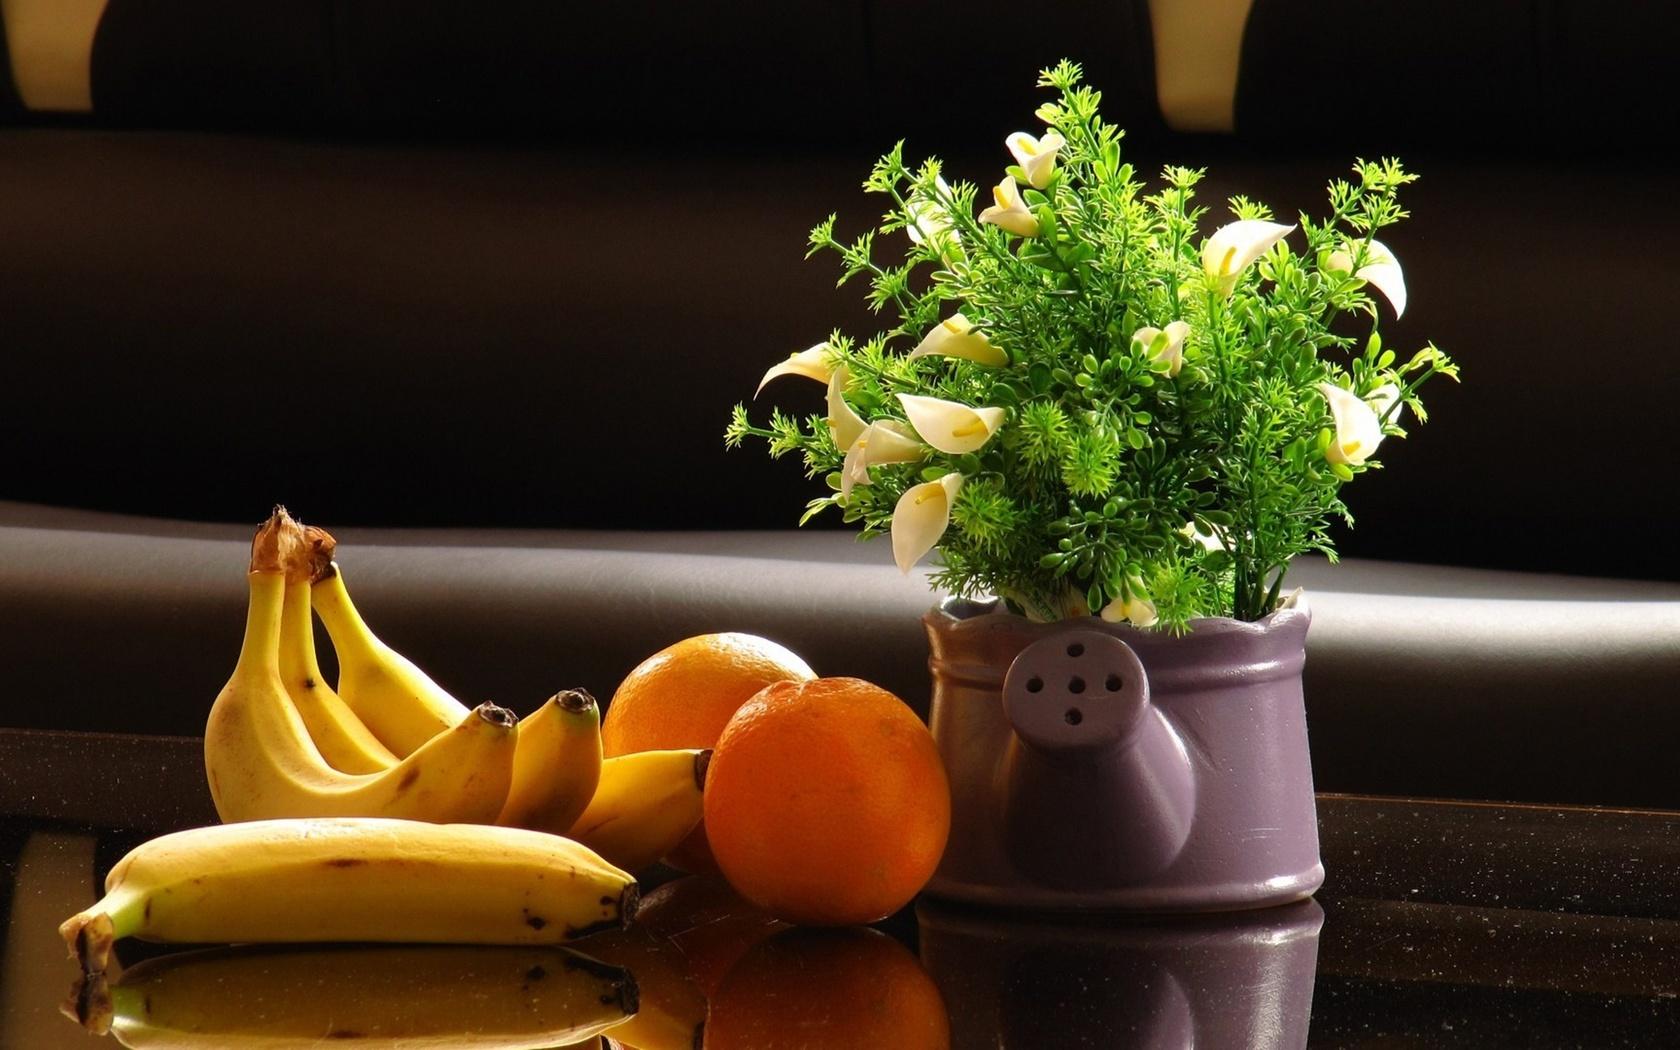 лейка, цветы, бананы, апельсины